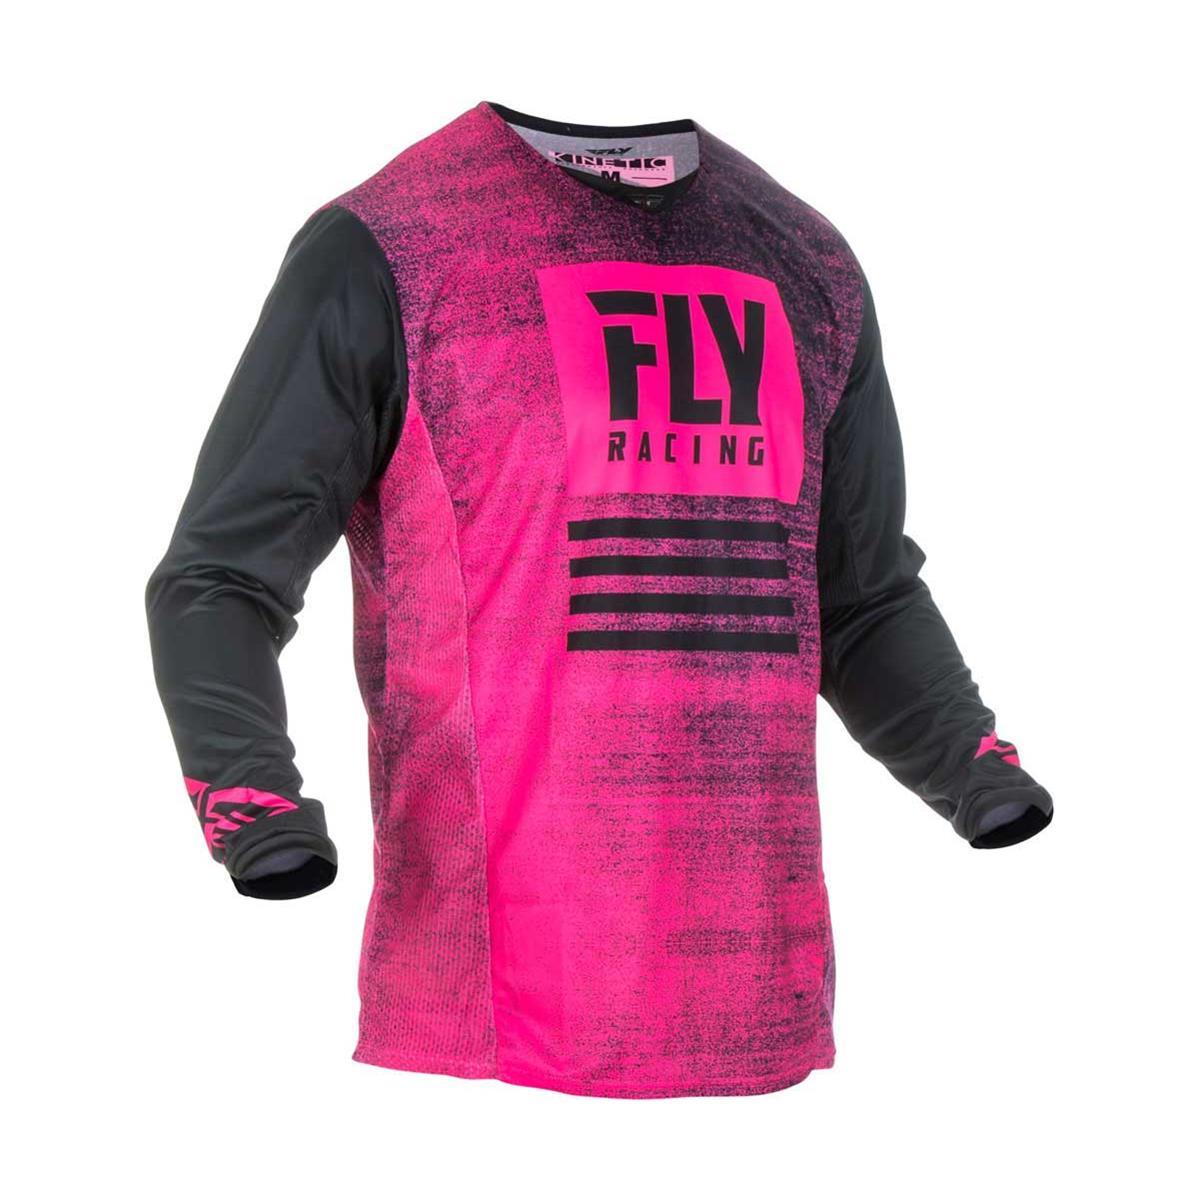 Fly Racing Jersey Kinetic Noiz Neonpink/Schwarz